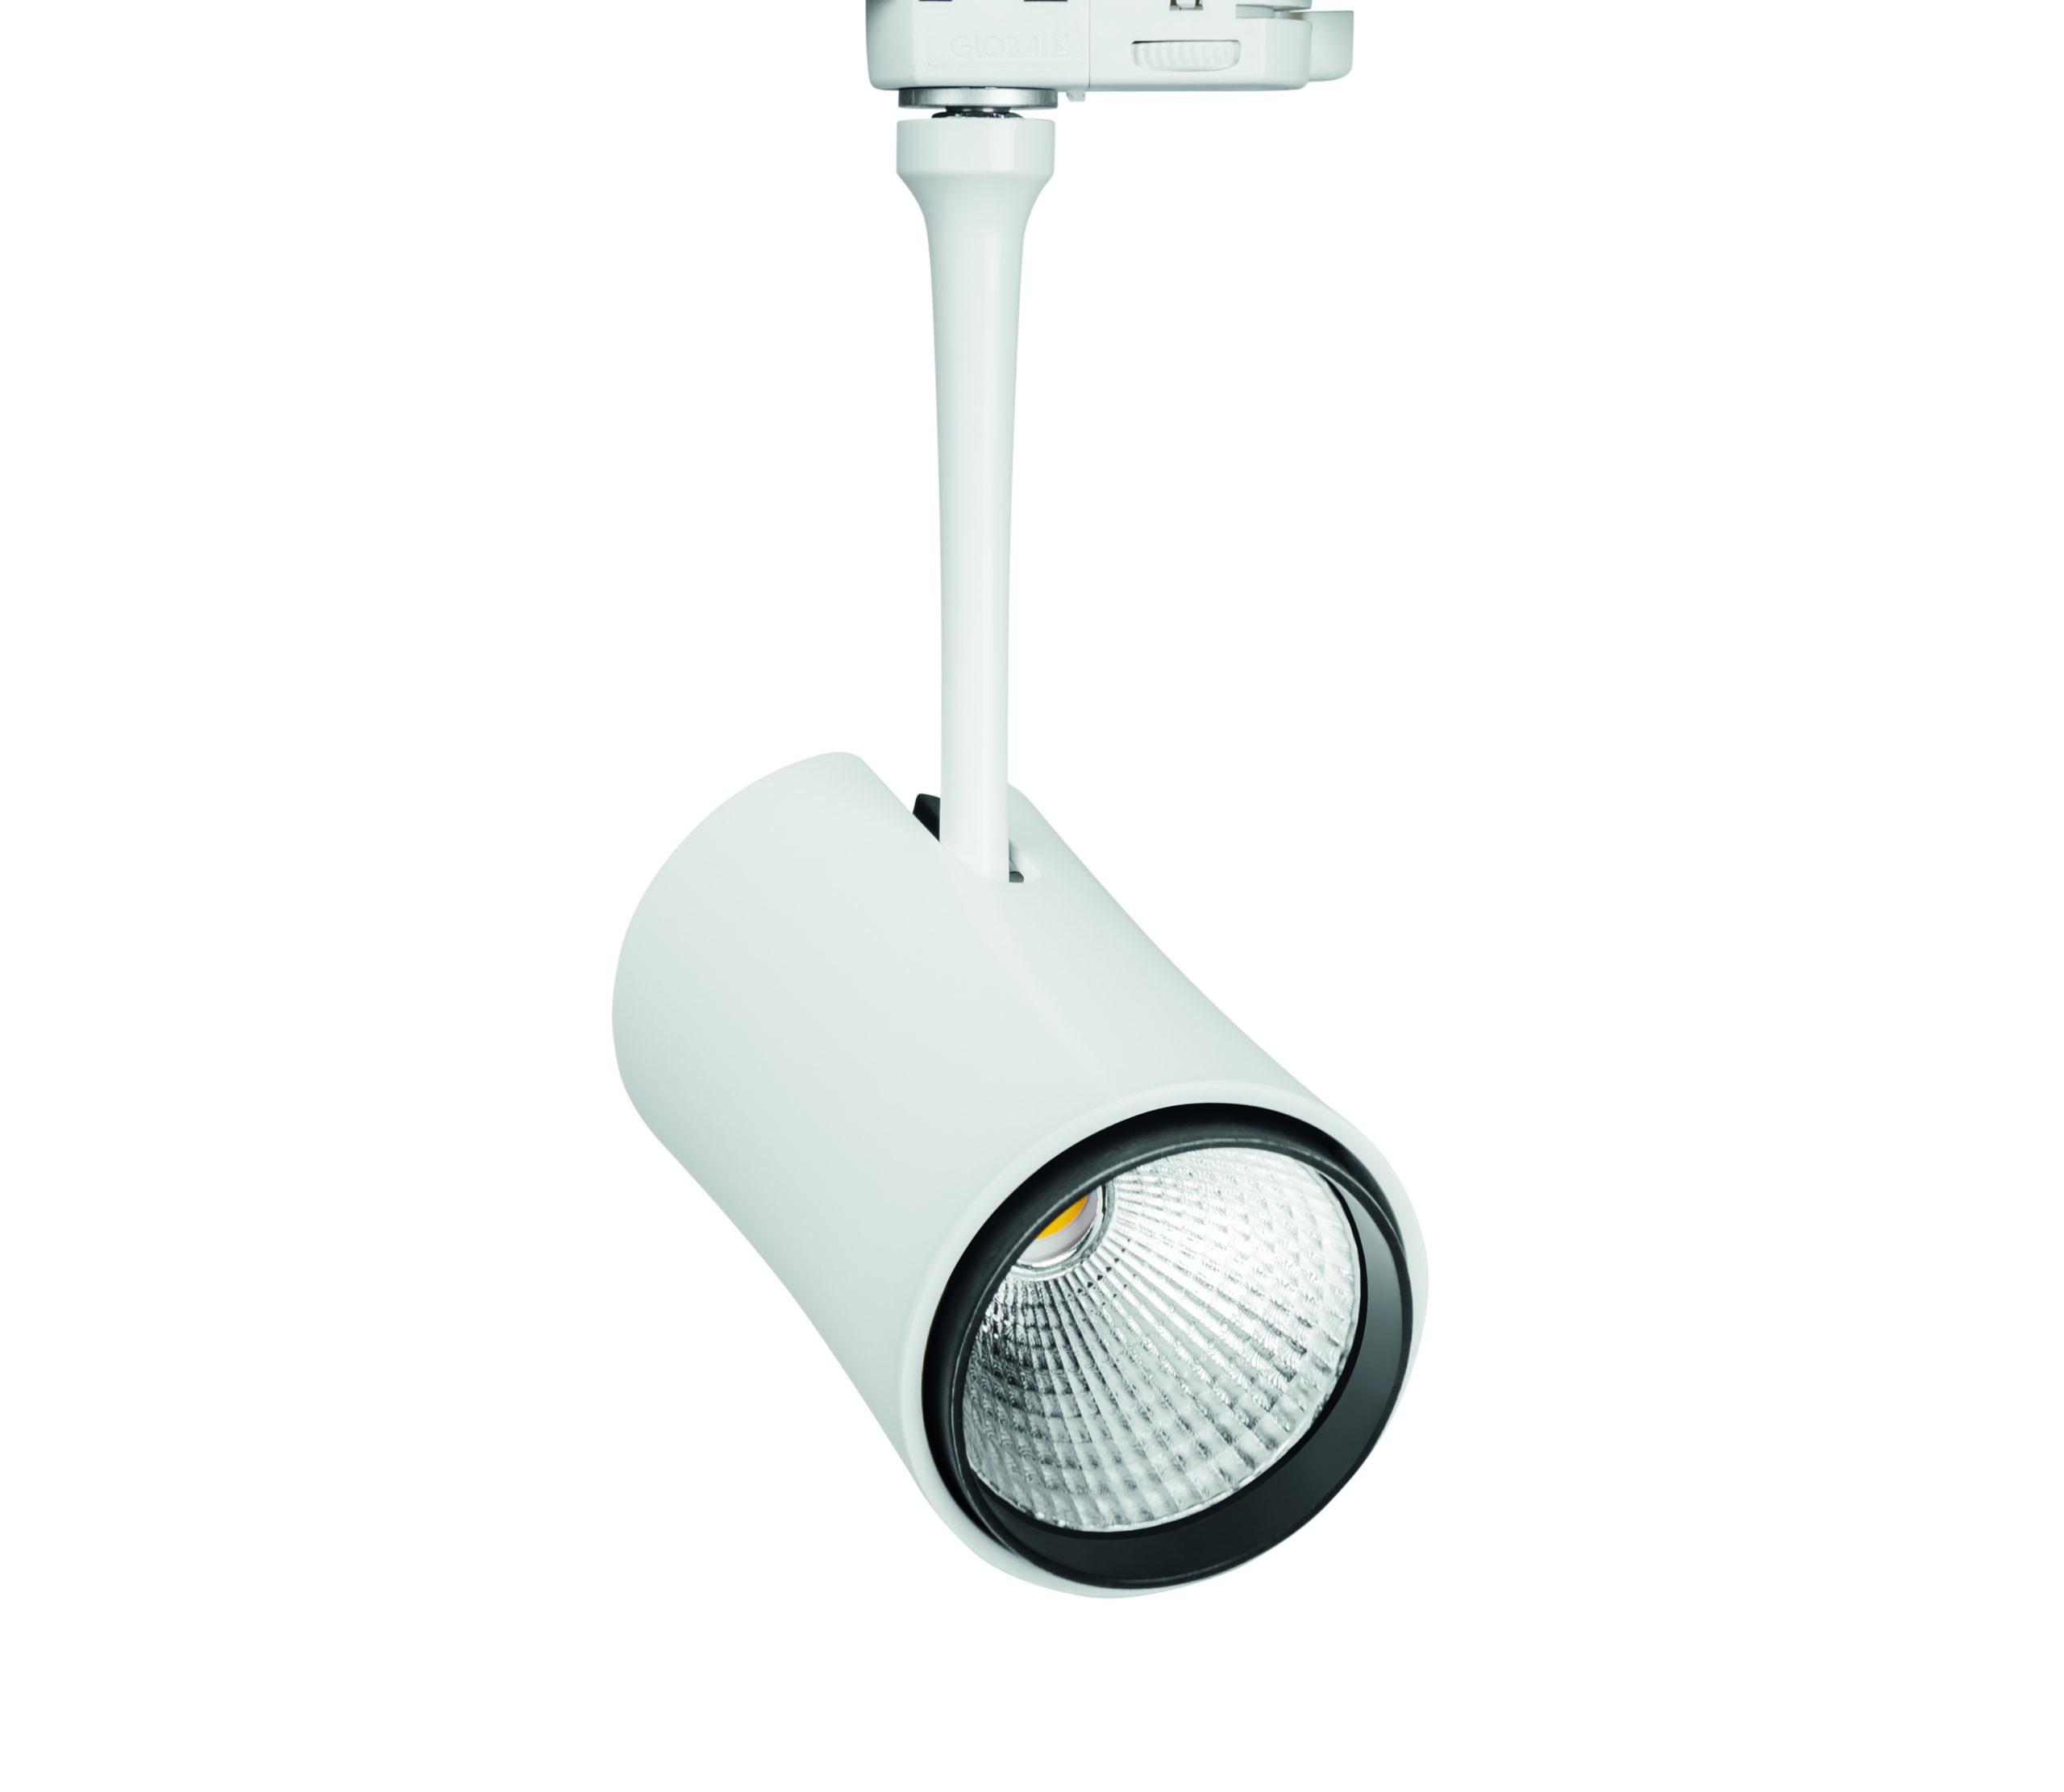 Tino LB LED